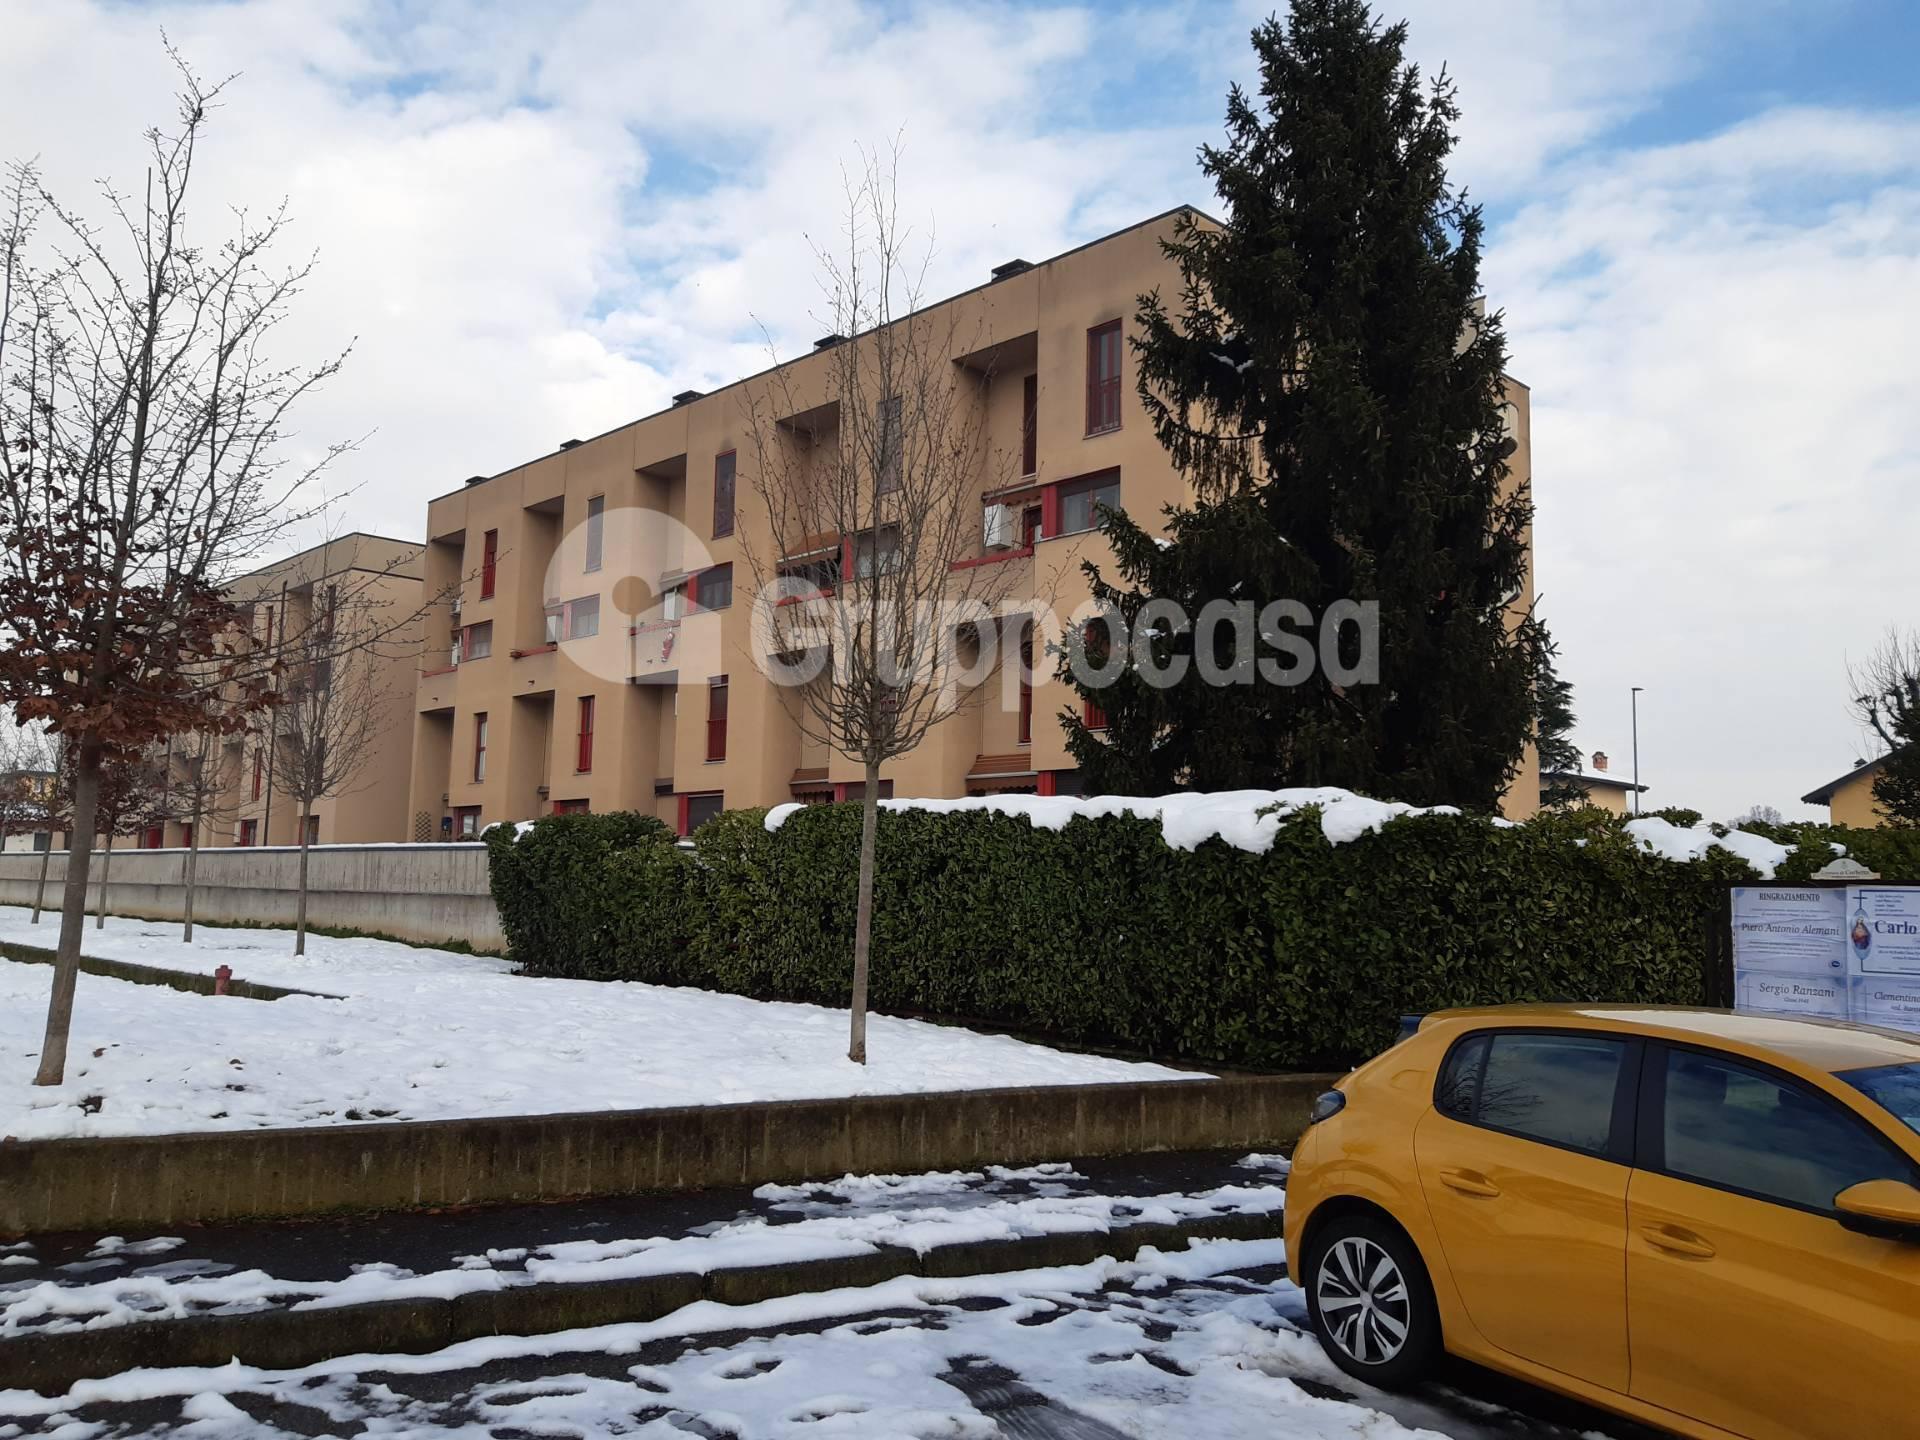 Appartamento in vendita a Corbetta, 3 locali, prezzo € 119.000 | PortaleAgenzieImmobiliari.it